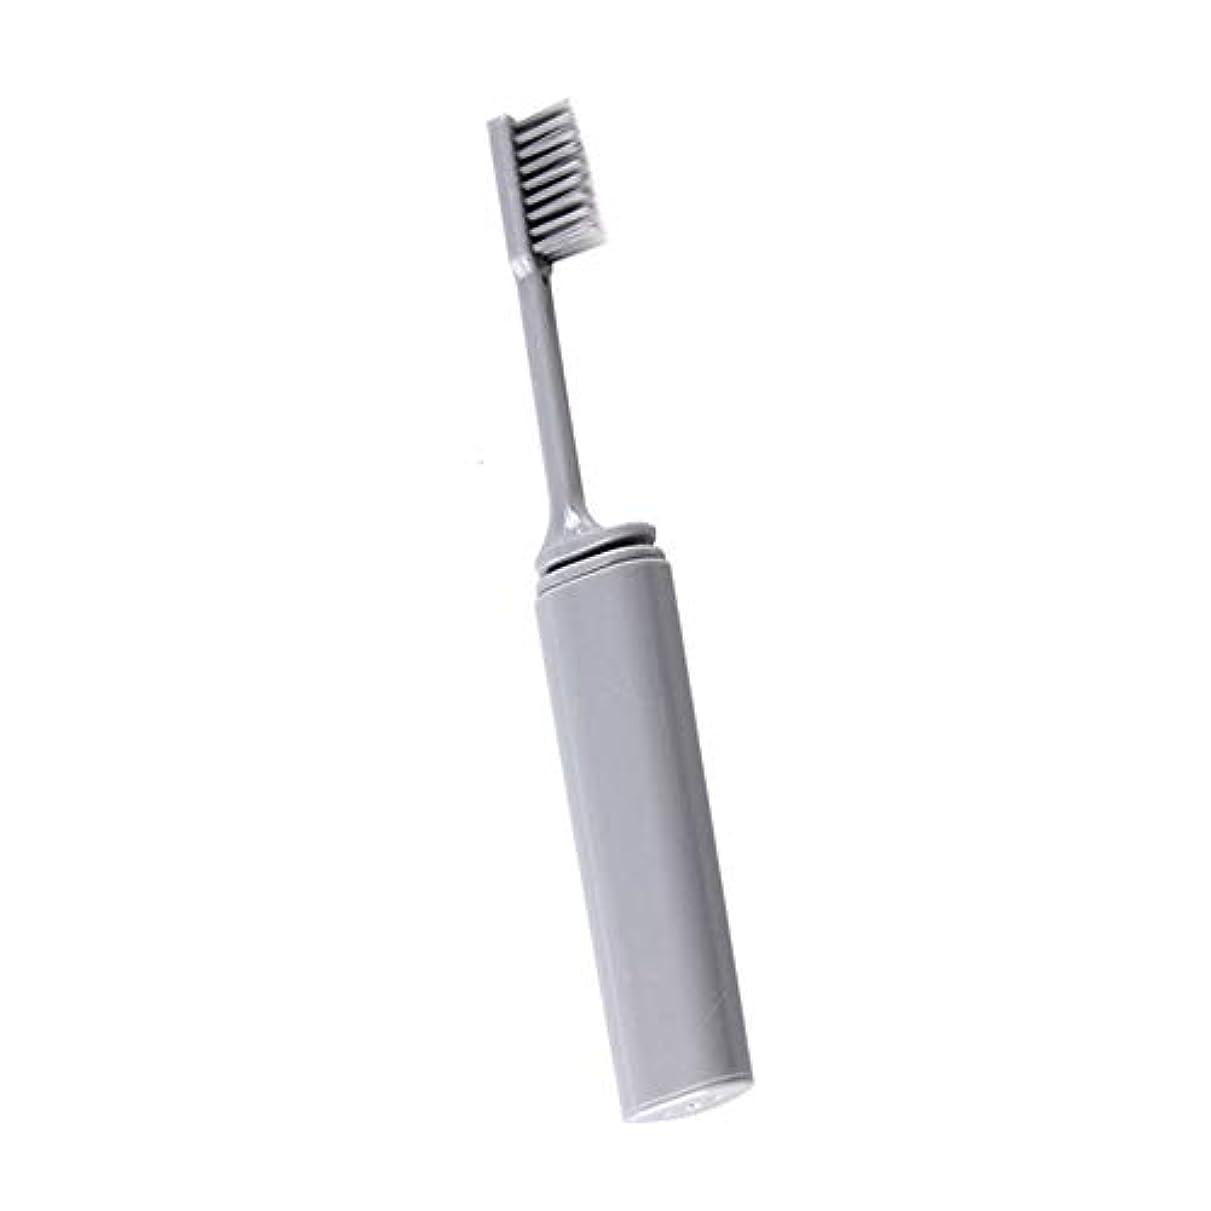 事務所発症哀れなOnior 旅行歯ブラシ 折りたたみ歯ブラシ 携帯歯ブラシ 外出 旅行用品, ソフト コンパクト歯ブラシ 便利 折りたたみ 耐久性 携帯用 灰色